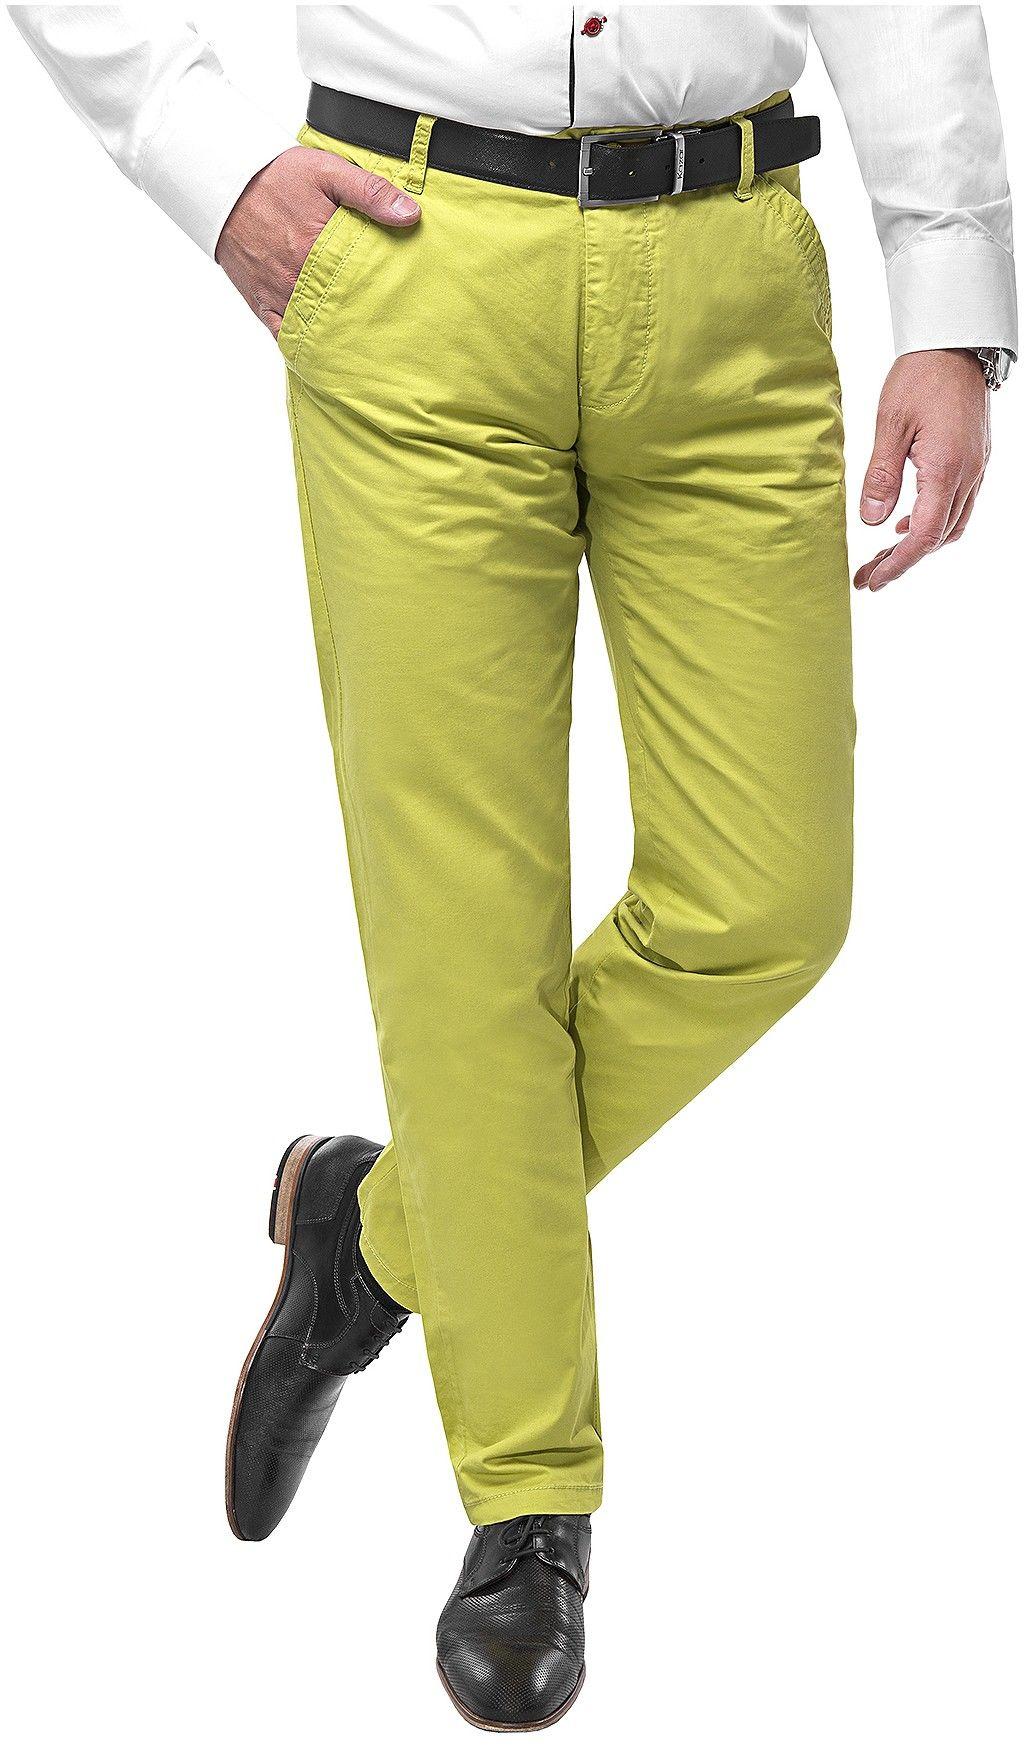 Spodnie męskie chinosy -SB512- seledynowy